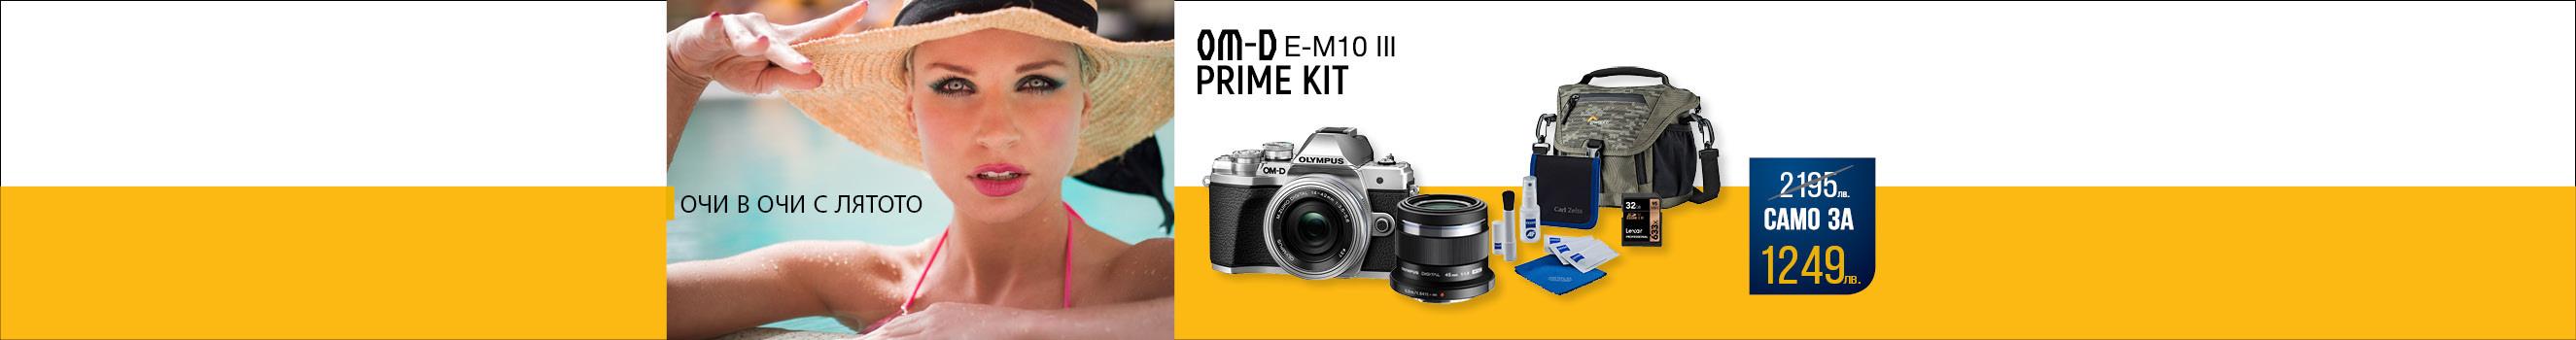 Спестете над 800 лв. с комплекта Olympus E-M10 III Prime Kit